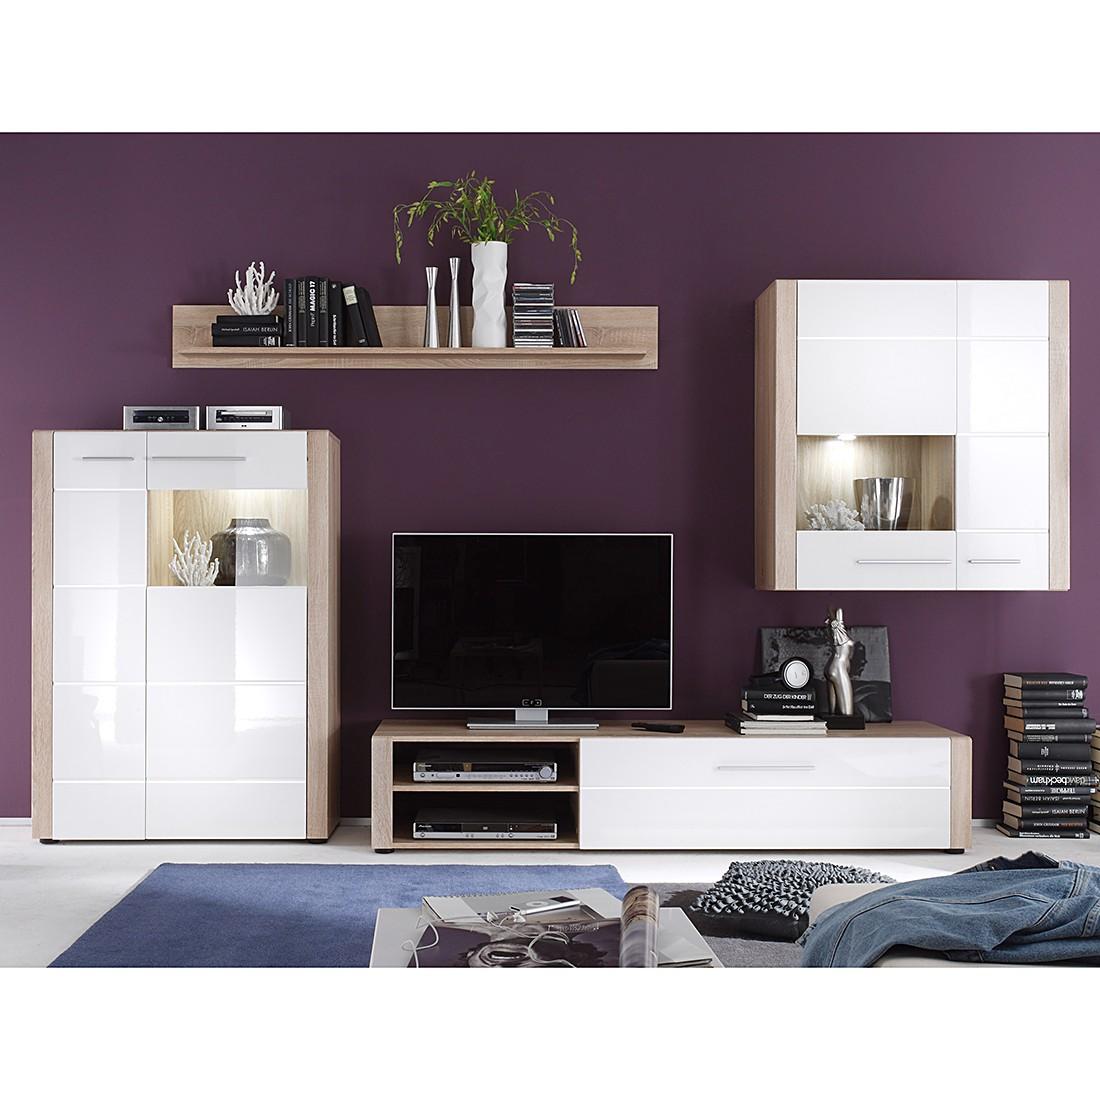 wohnwand minel i 4 teilig inkl beleuchtung eiche s gerau dekor wei hochglanz schrank. Black Bedroom Furniture Sets. Home Design Ideas